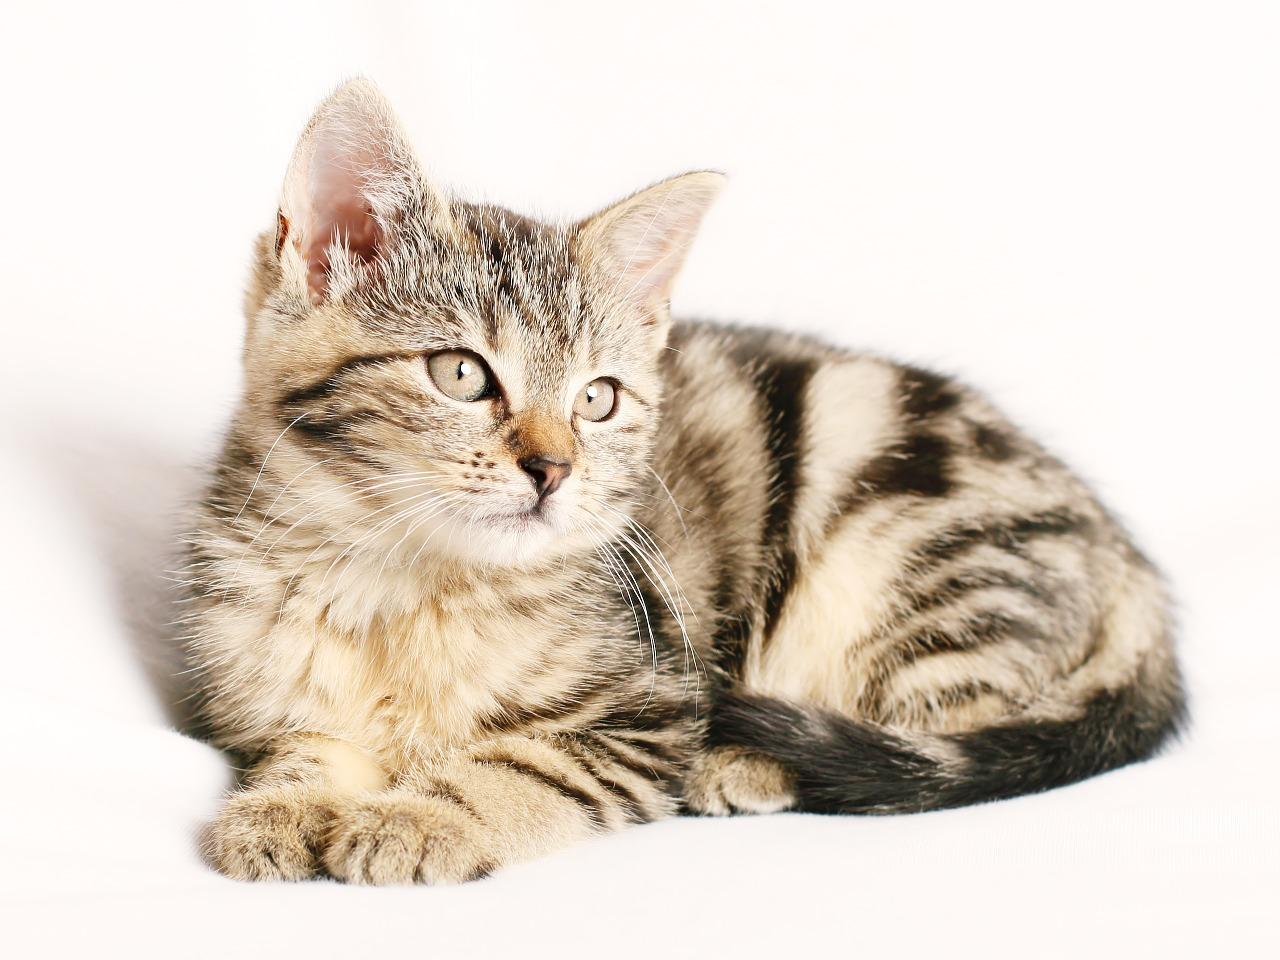 Gatos e Corticosteroides | Problemas e Efeitos